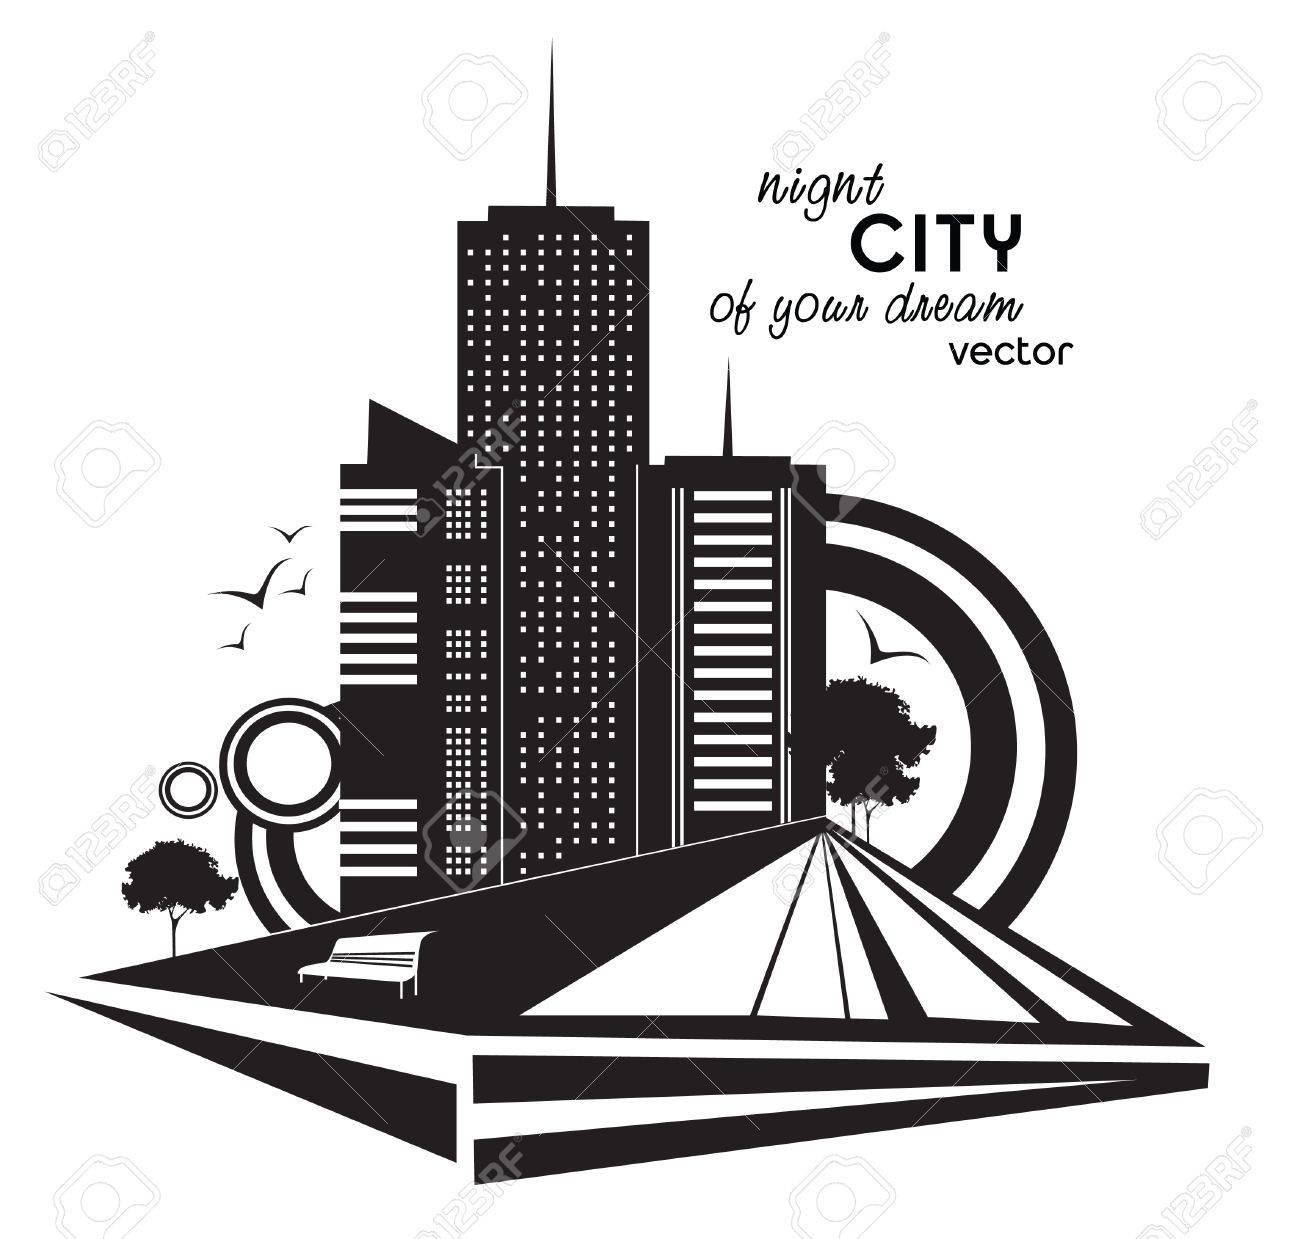 night city - 17520654